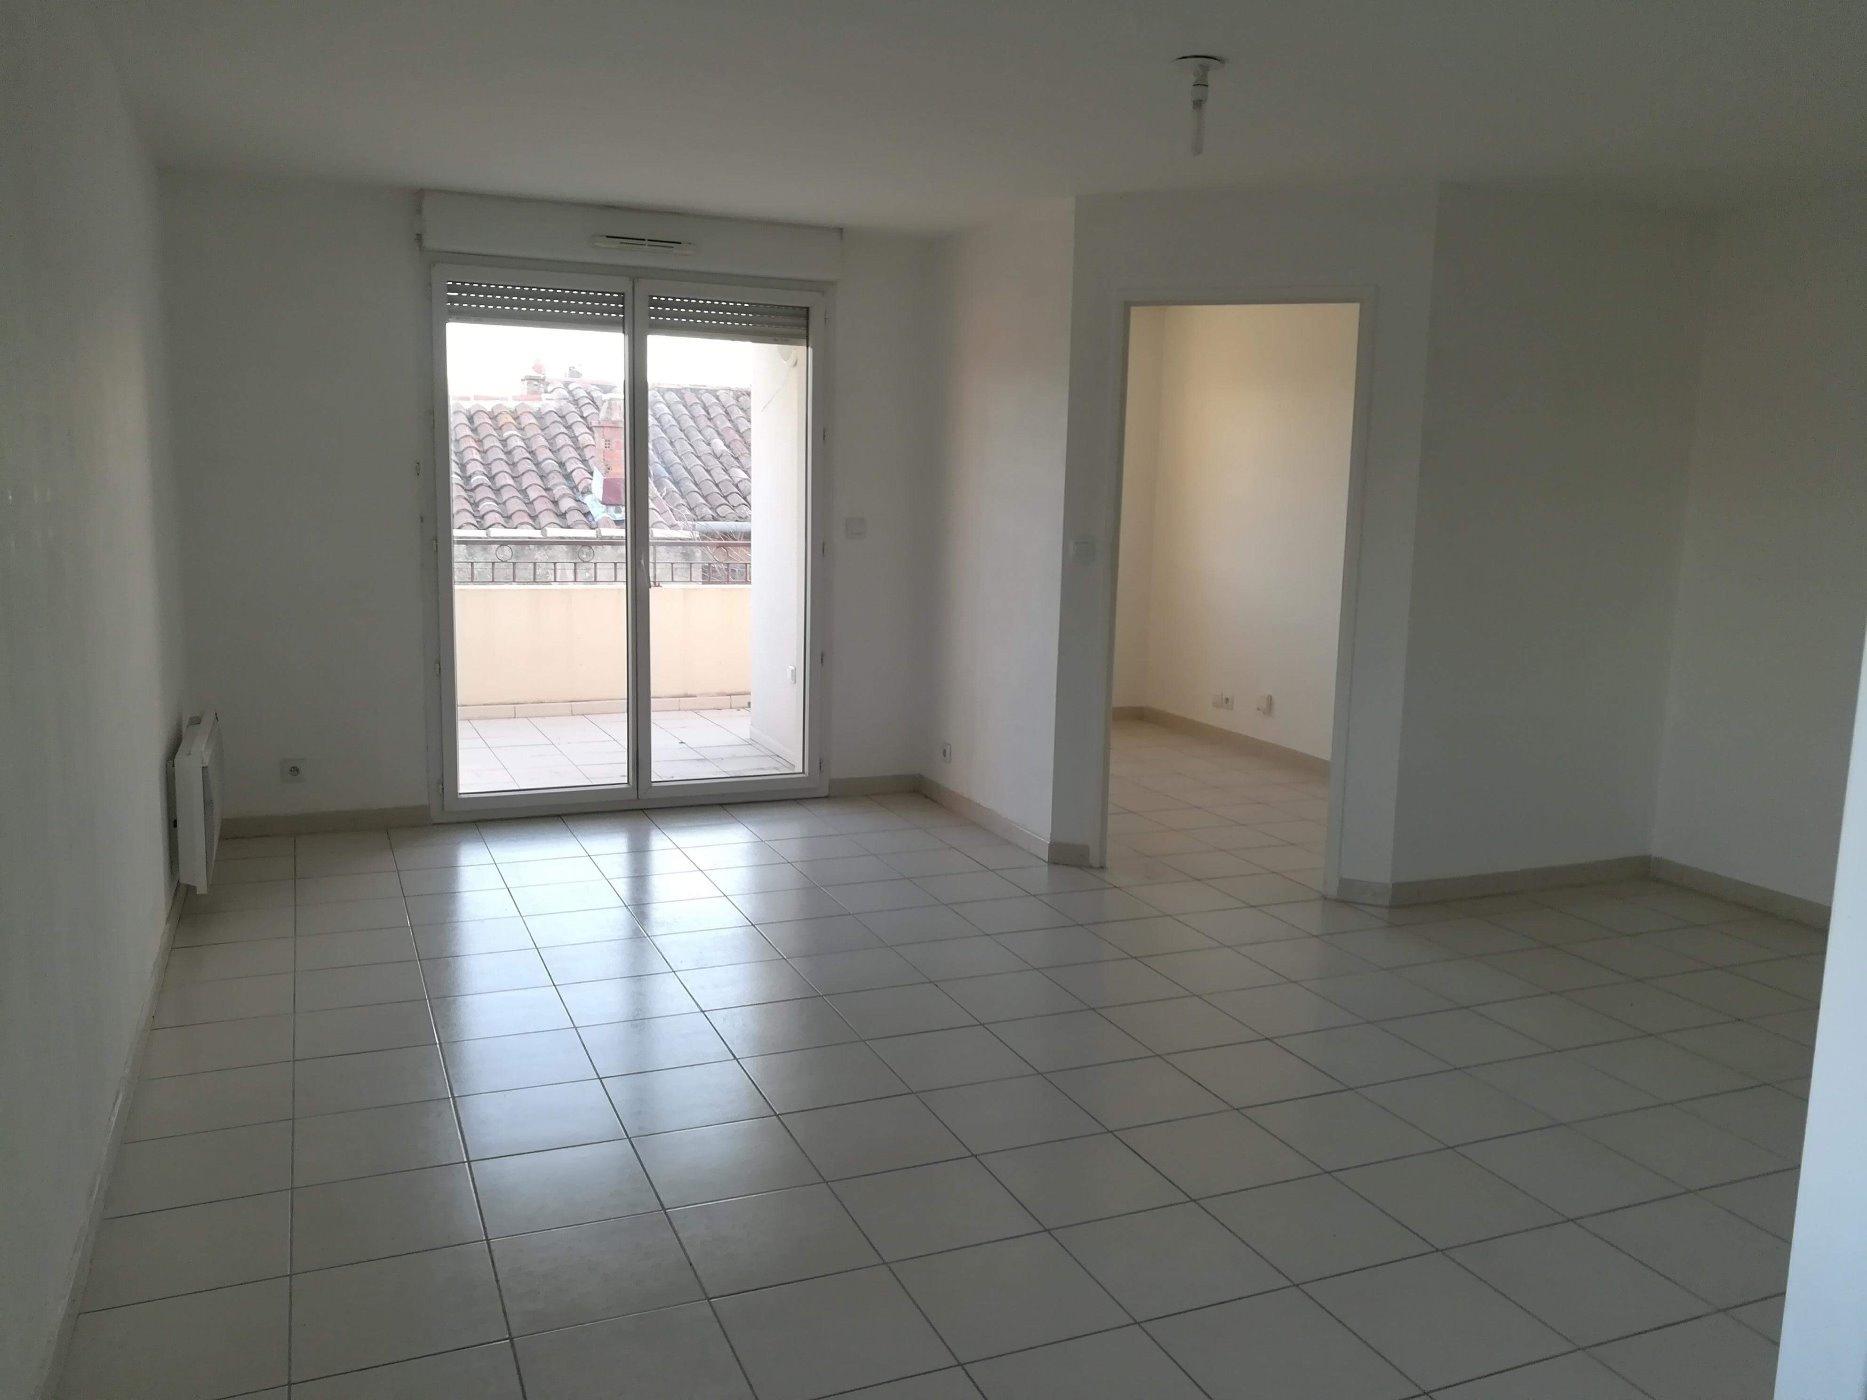 Offres de location Appartement Salon-de-Provence (13300)